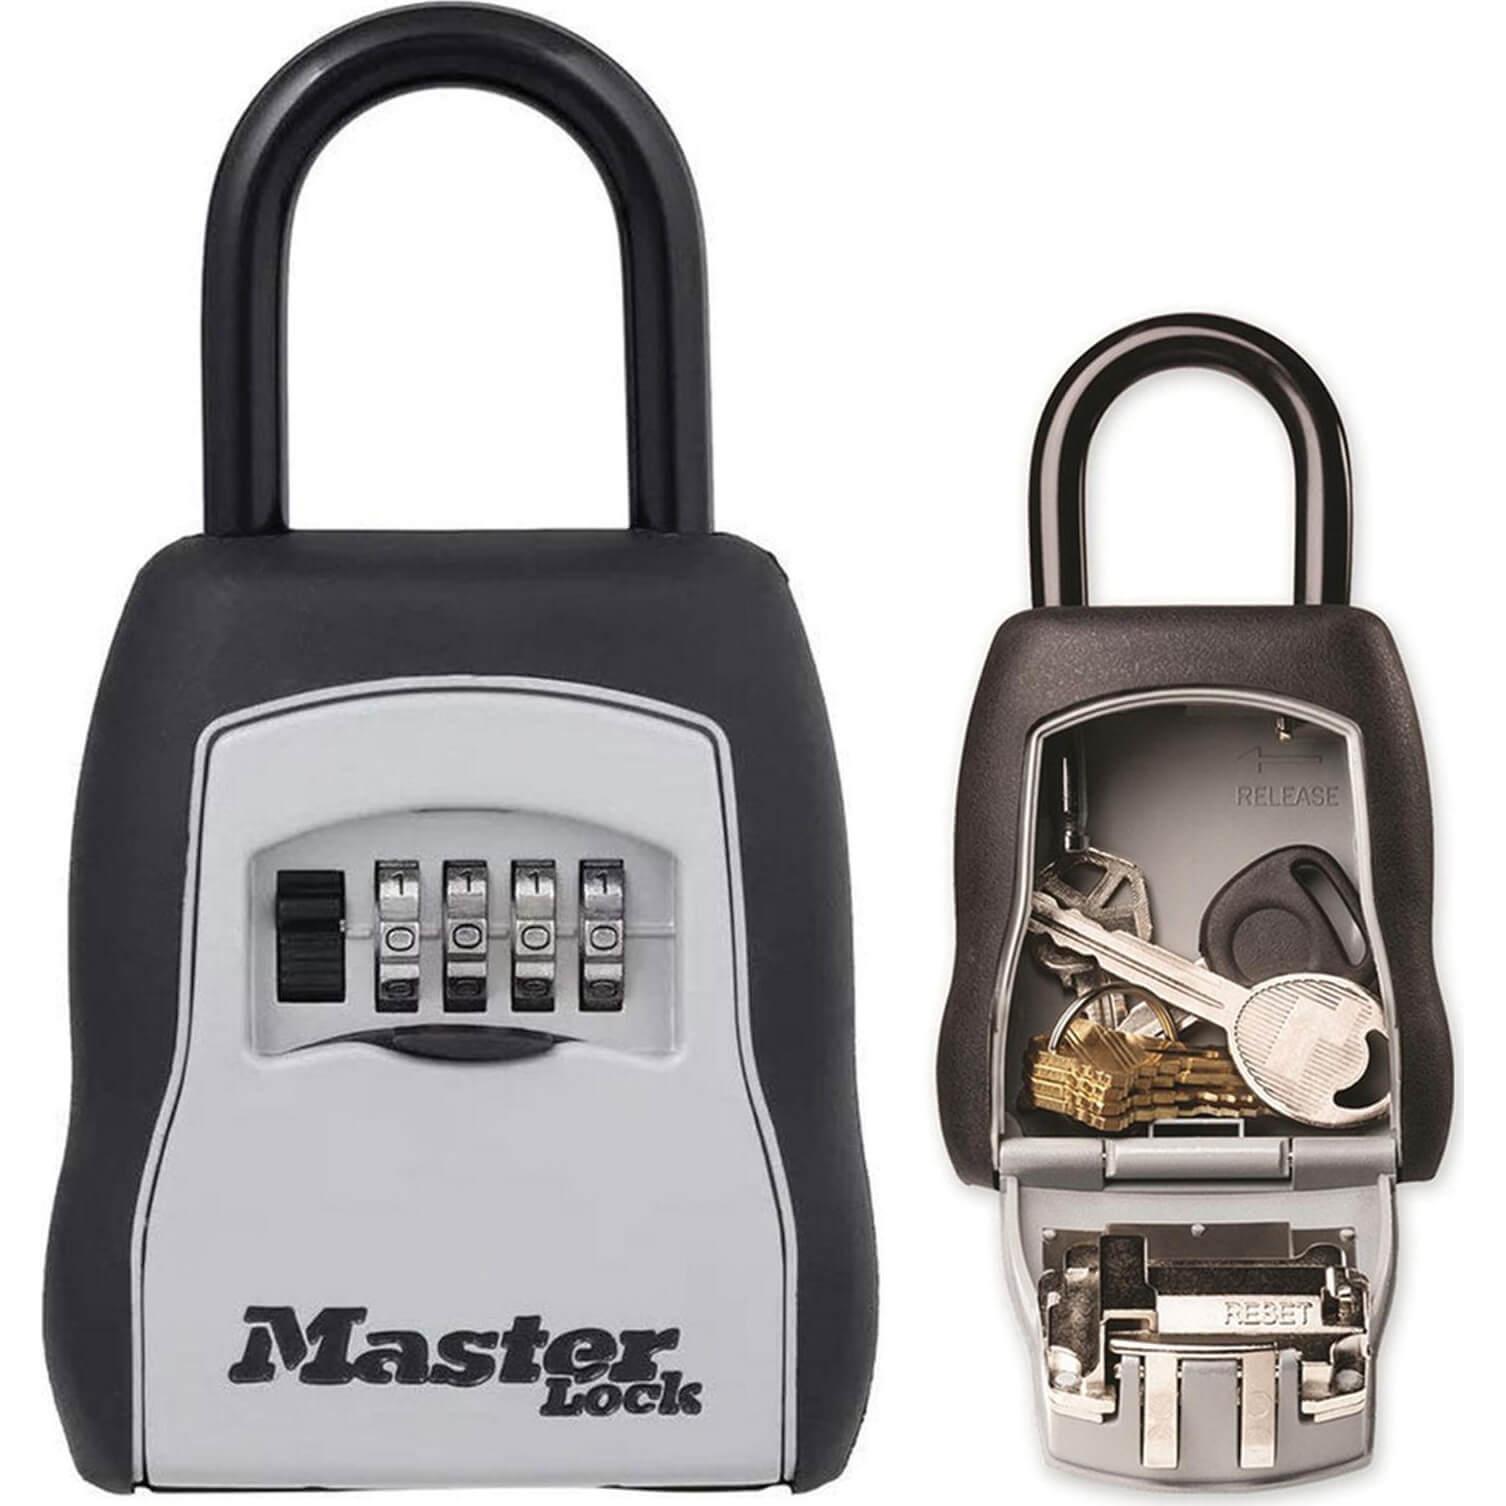 Image of Masterlock Portable Shackled Combination Key Safe